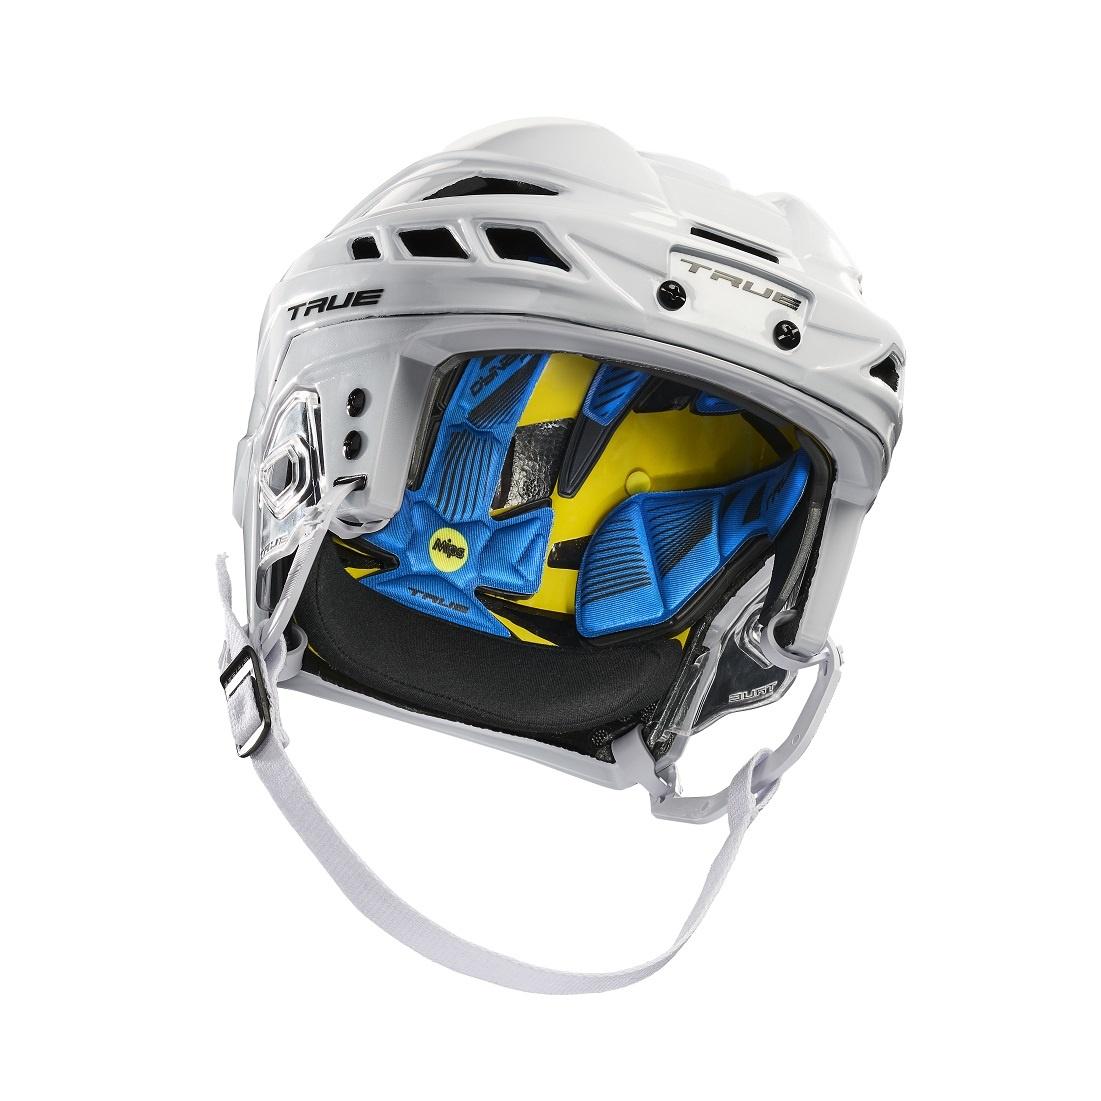 true helmet white